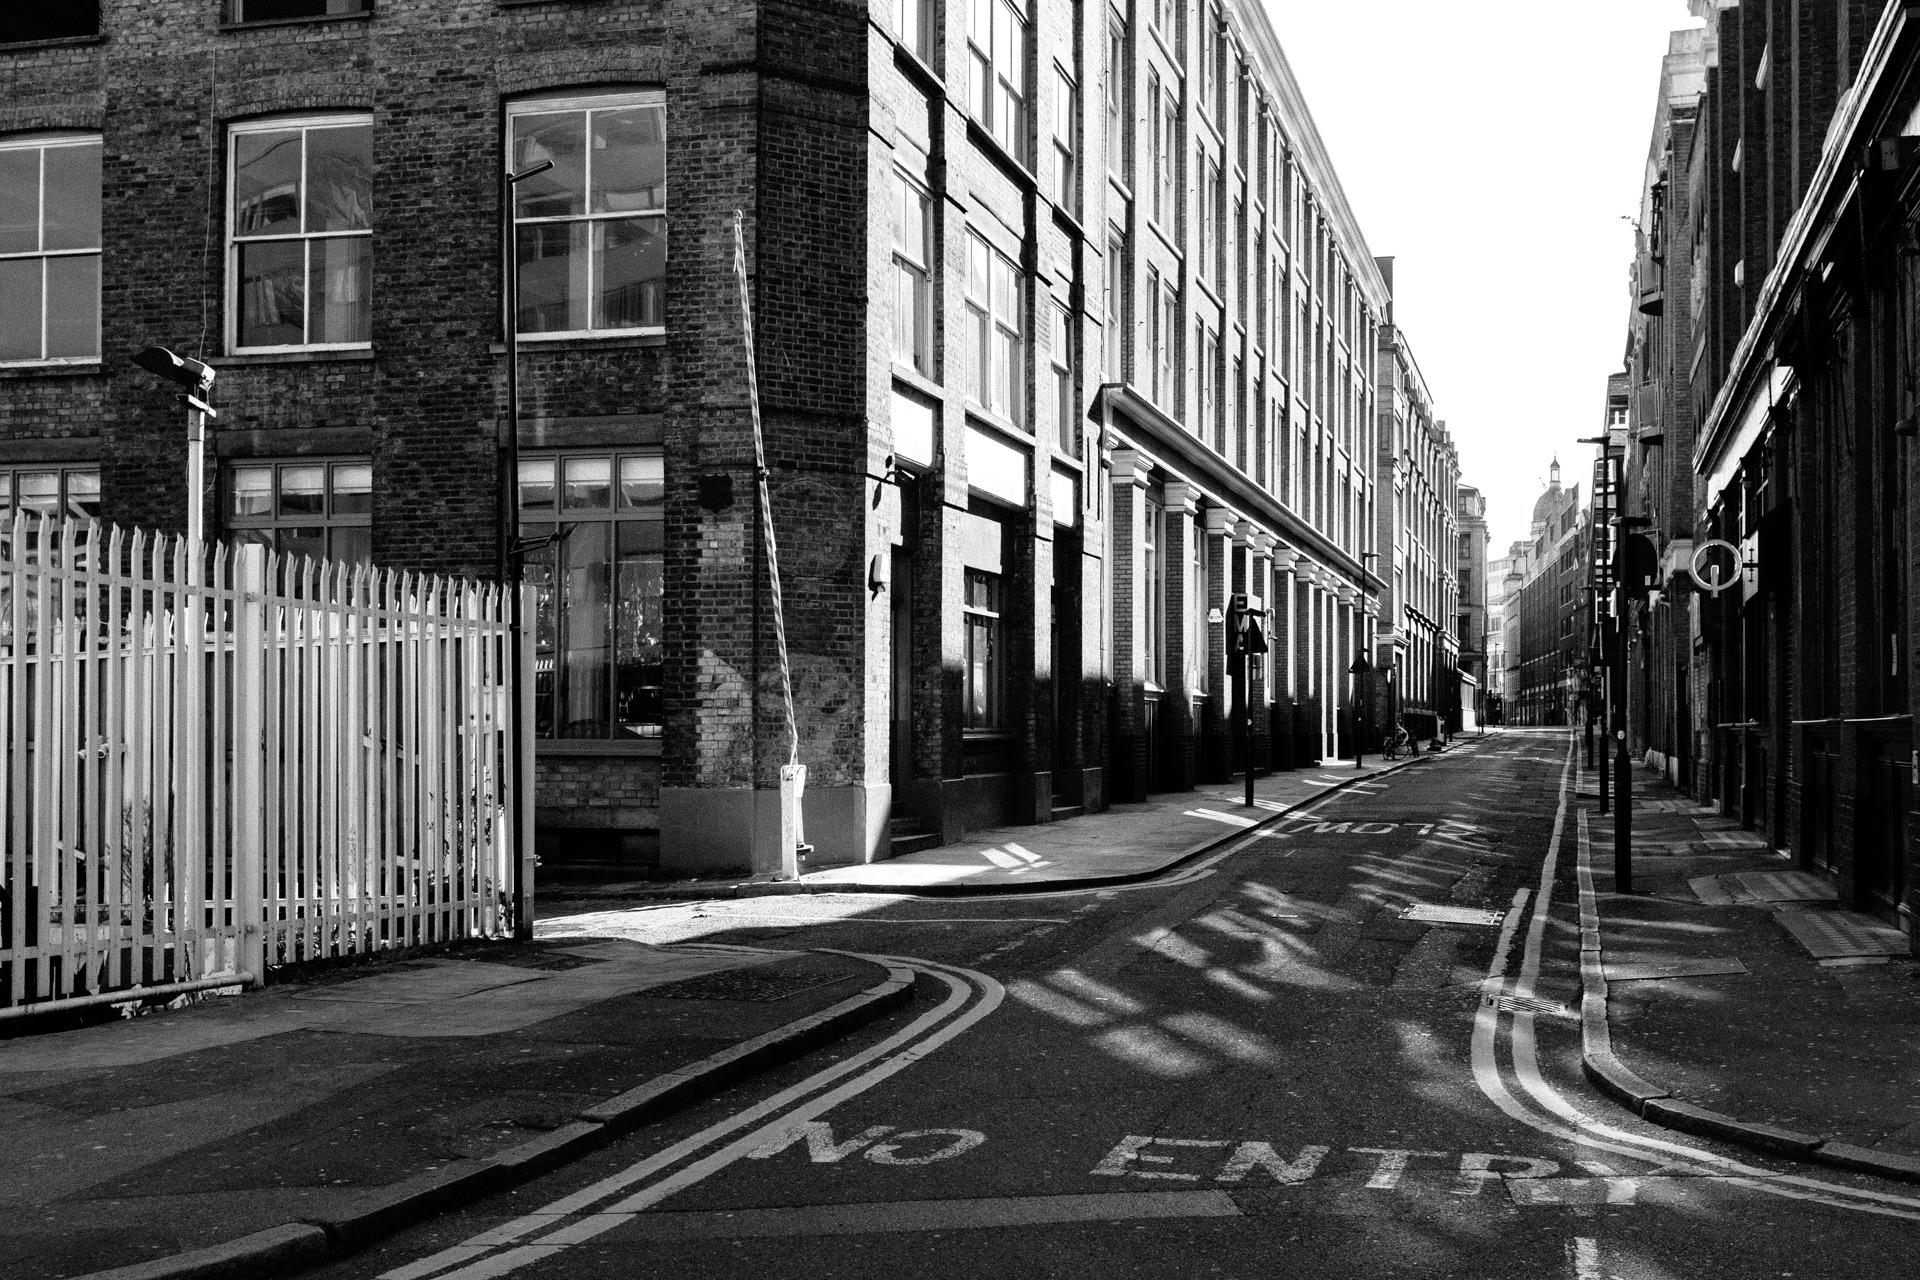 empty street near oldstreet london